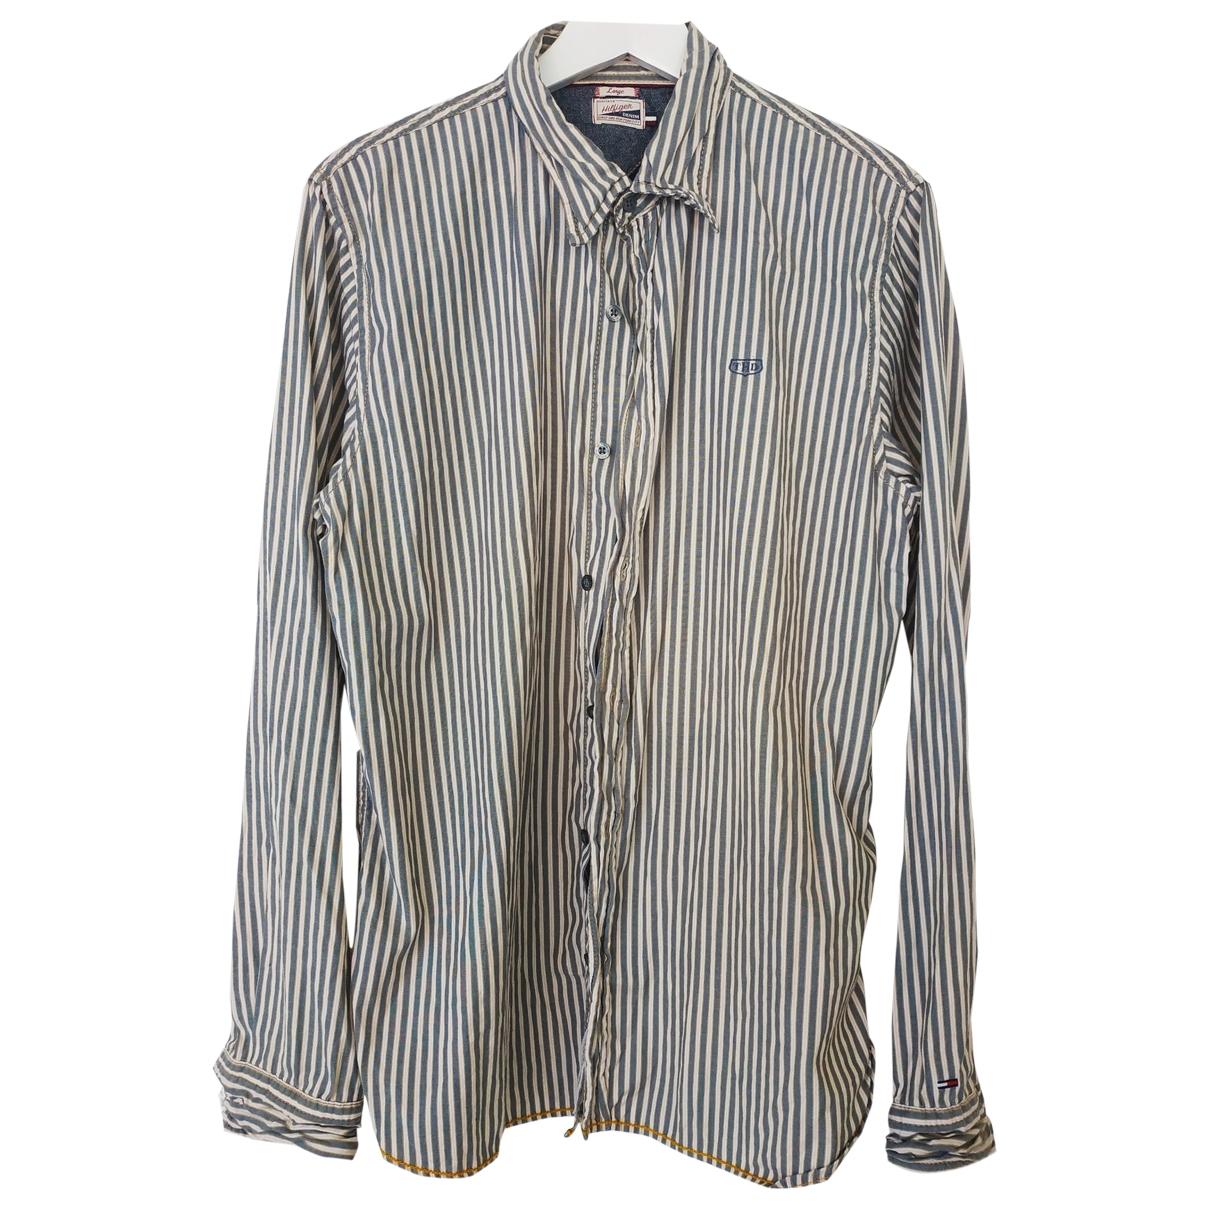 Tommy Hilfiger \N Cotton Shirts for Men L International